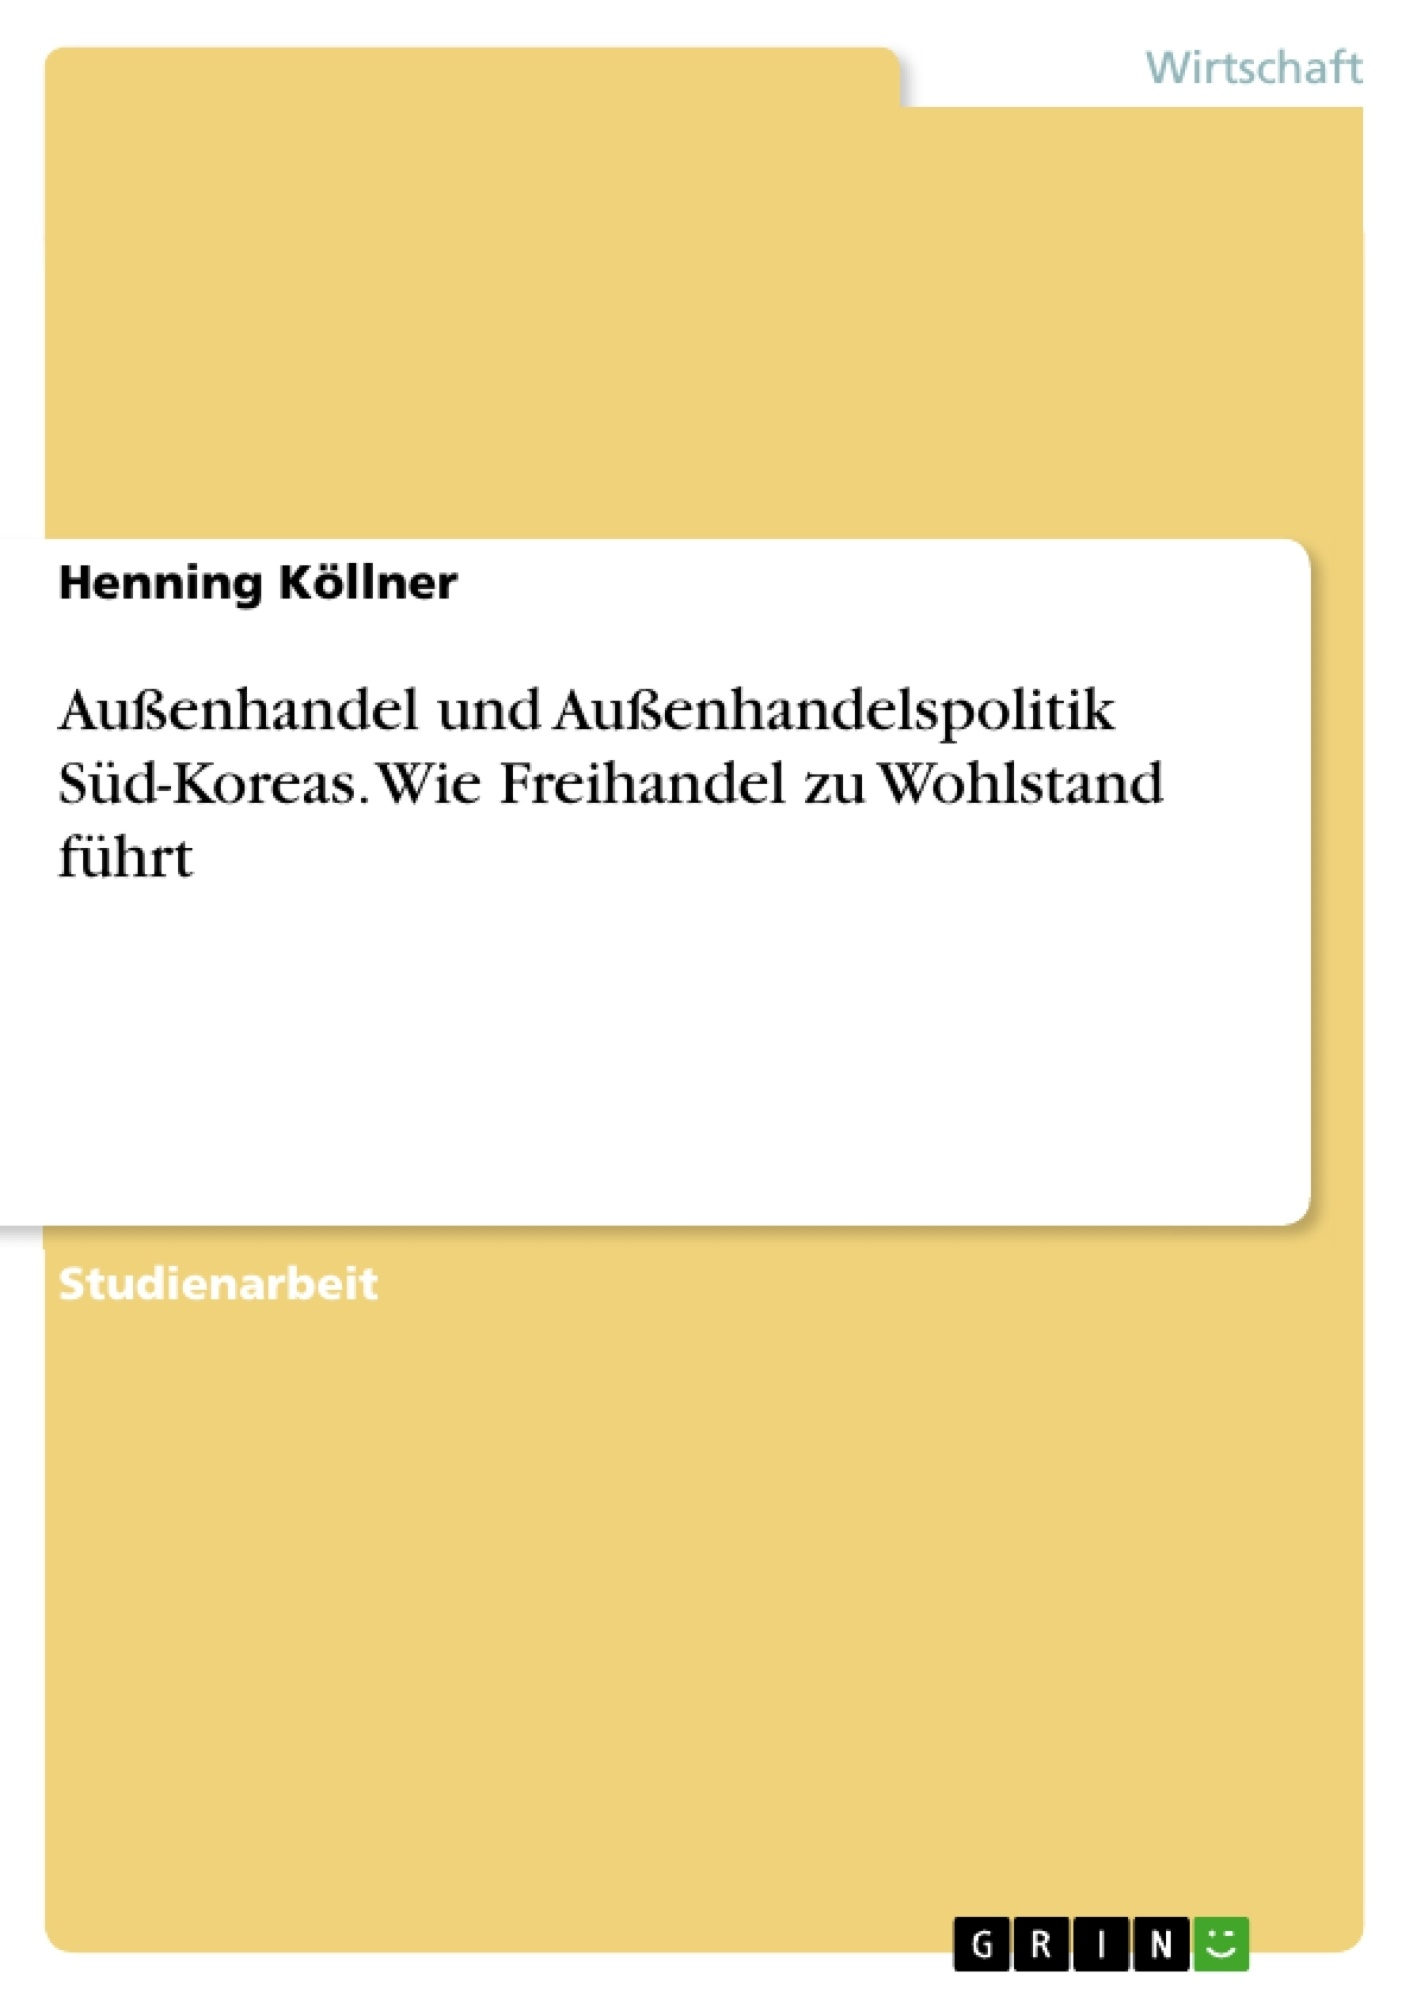 Titel: Außenhandel und Außenhandelspolitik Süd-Koreas. Wie Freihandel zu Wohlstand führt